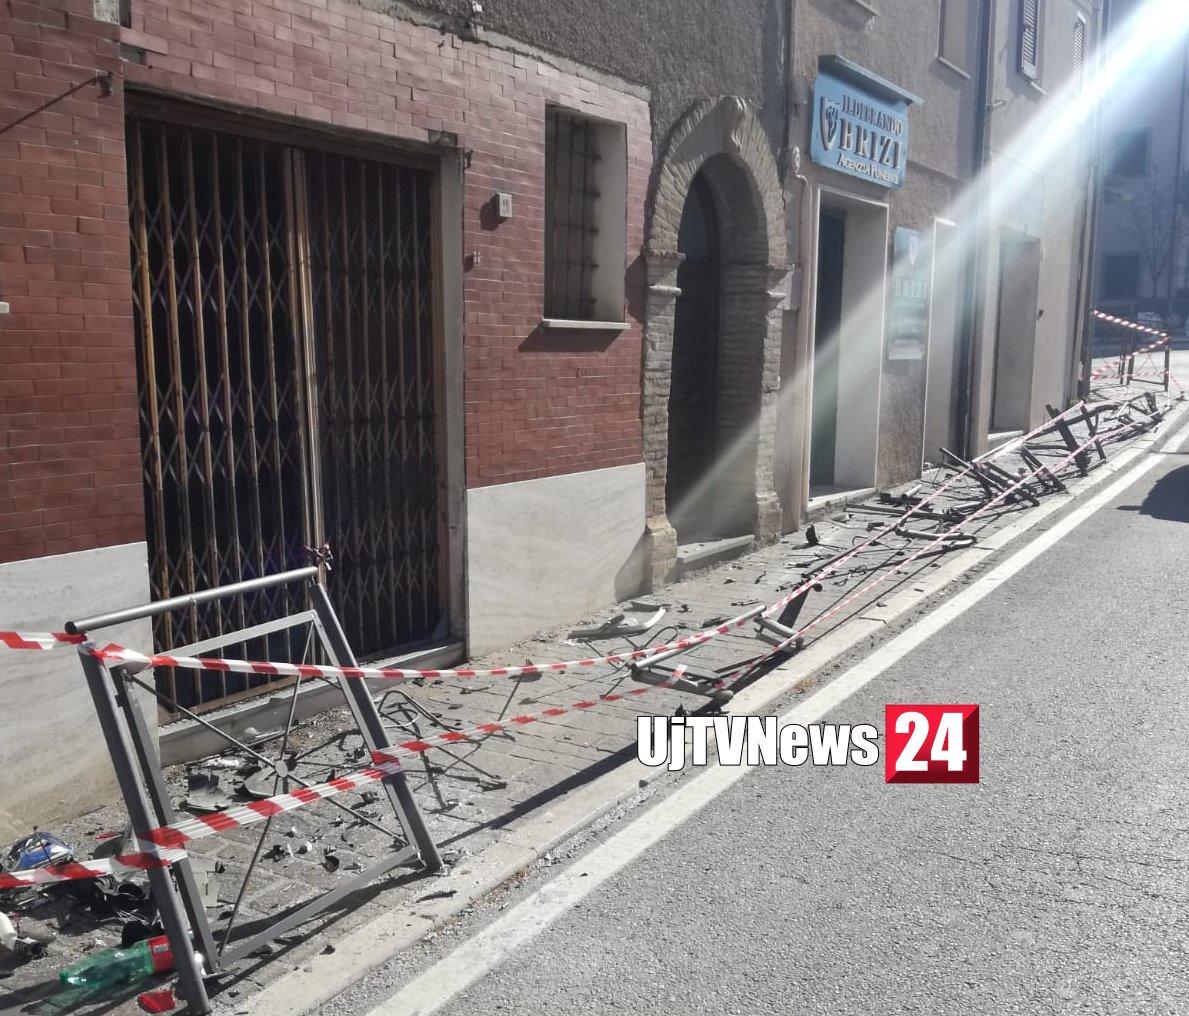 Incidente nella notte a Rivotorto D'Assisi, ragazzo vivo per miracolo